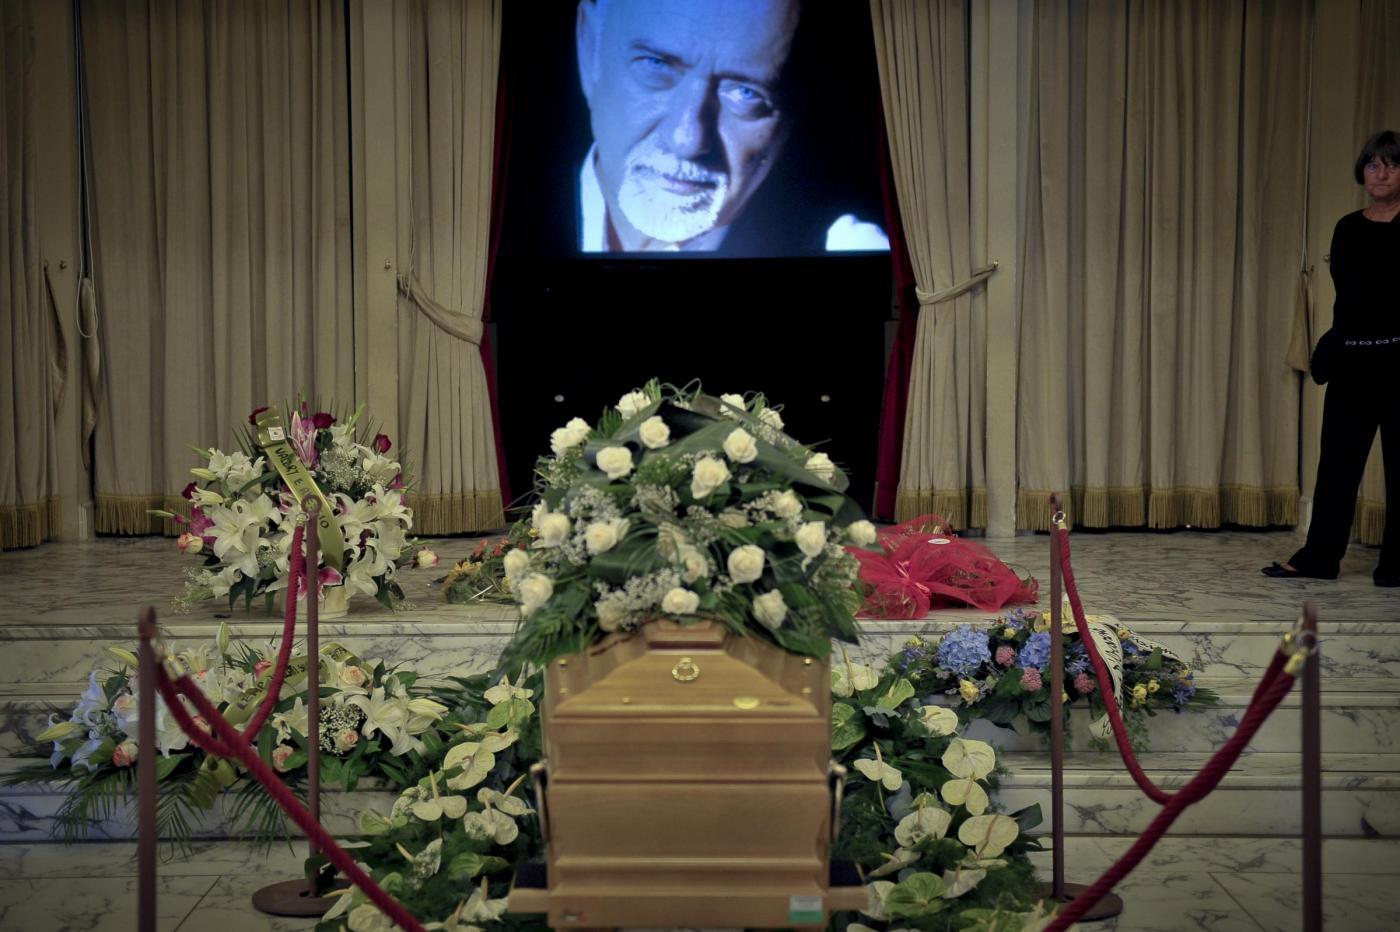 Giorgio Faletti, i funerali ad Asti: migliaia di persone presenti, il ricordo degli amici